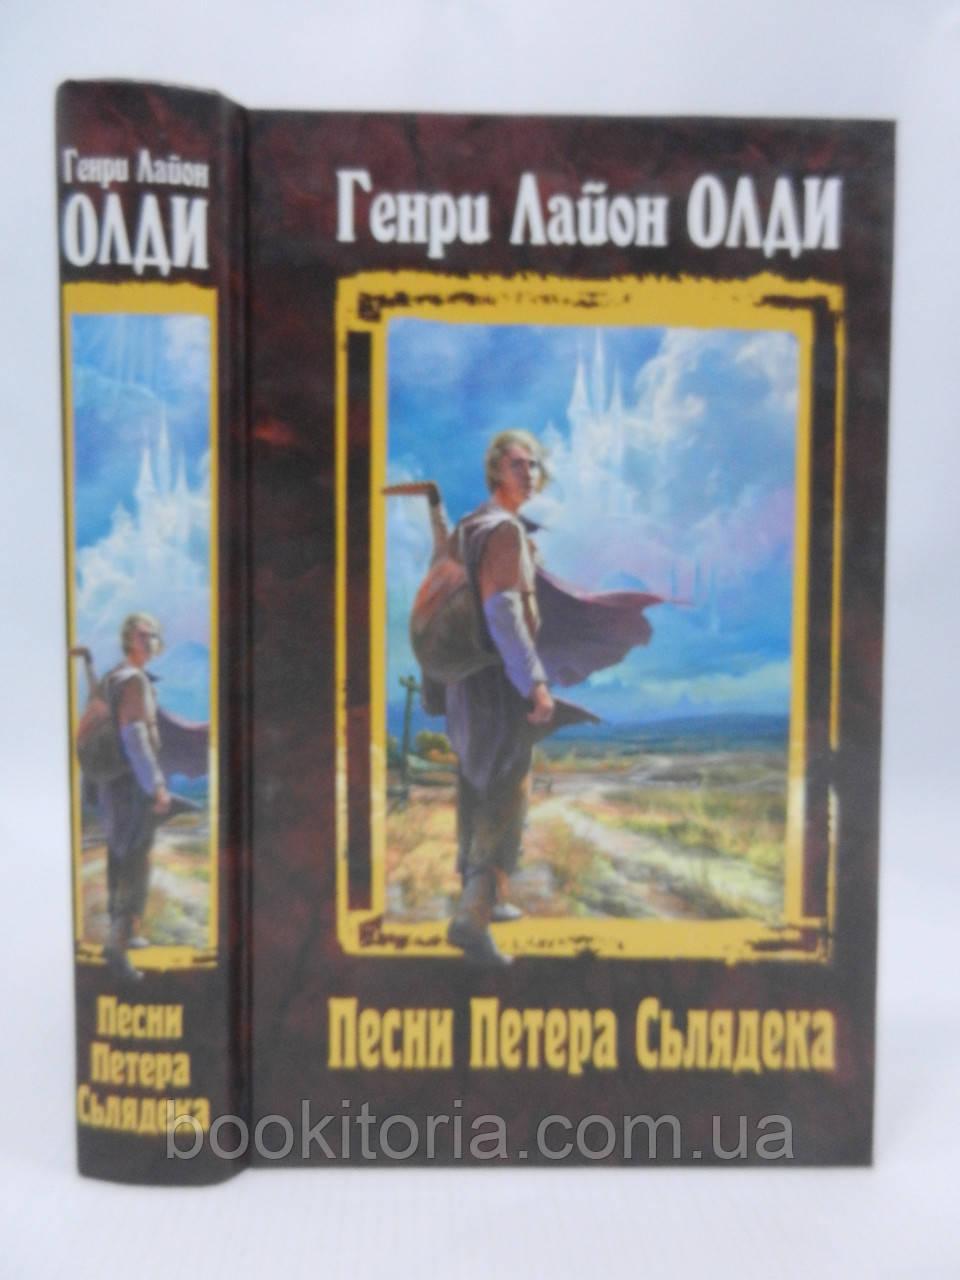 Олди Г.Л. Песни Петера Сьлядека (б/у).